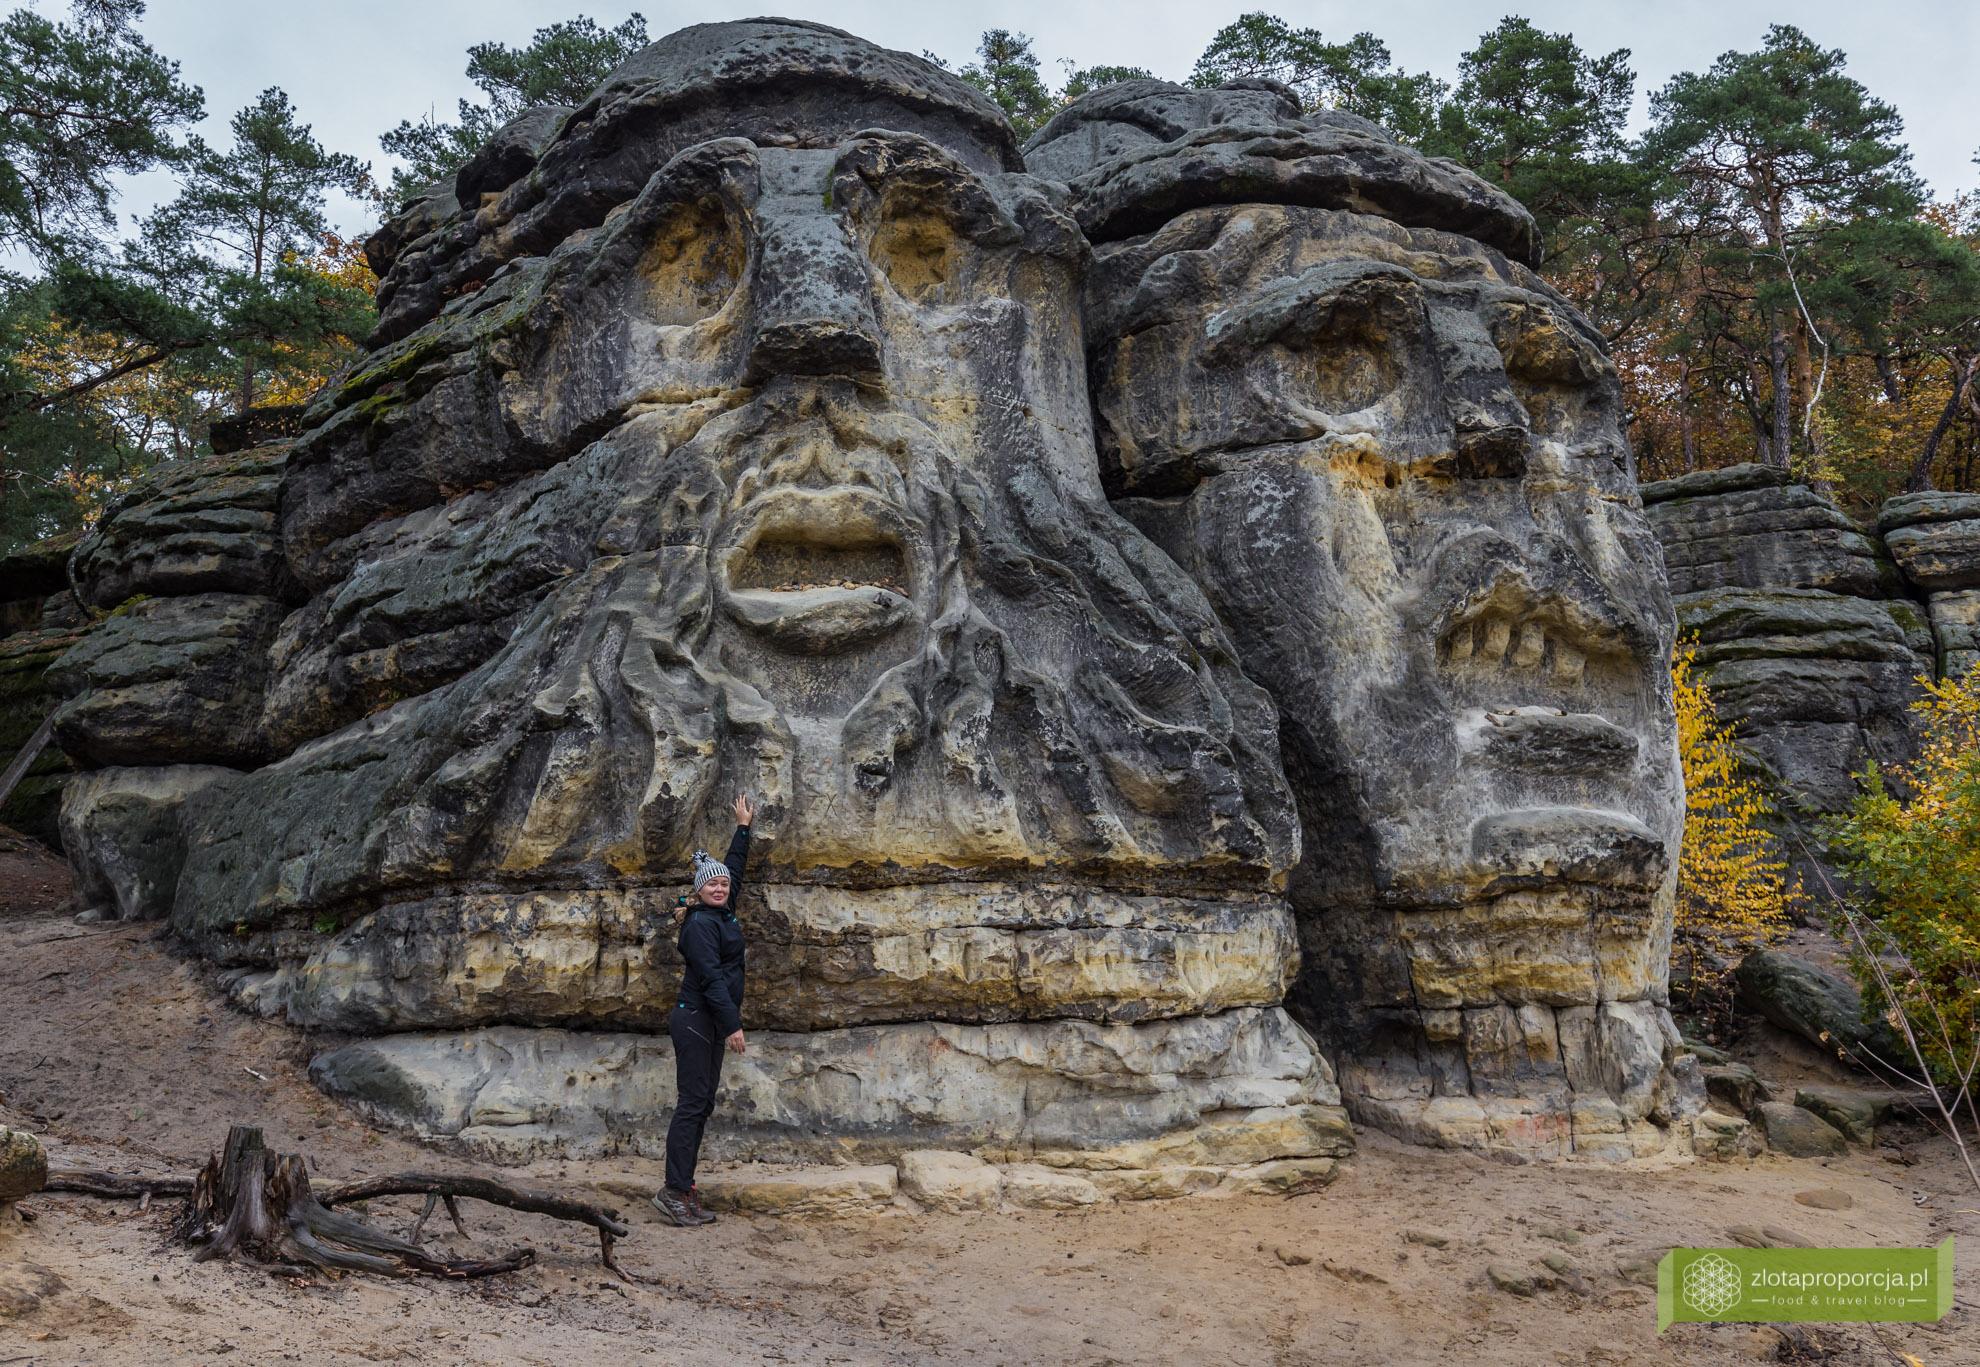 Certovy Hlavy, Diabelskie Głowy, Kokorinsko, atrakcje Kokorinsko, sklane rzeźby Vaclava Levy, okolice Pragi, Czechy